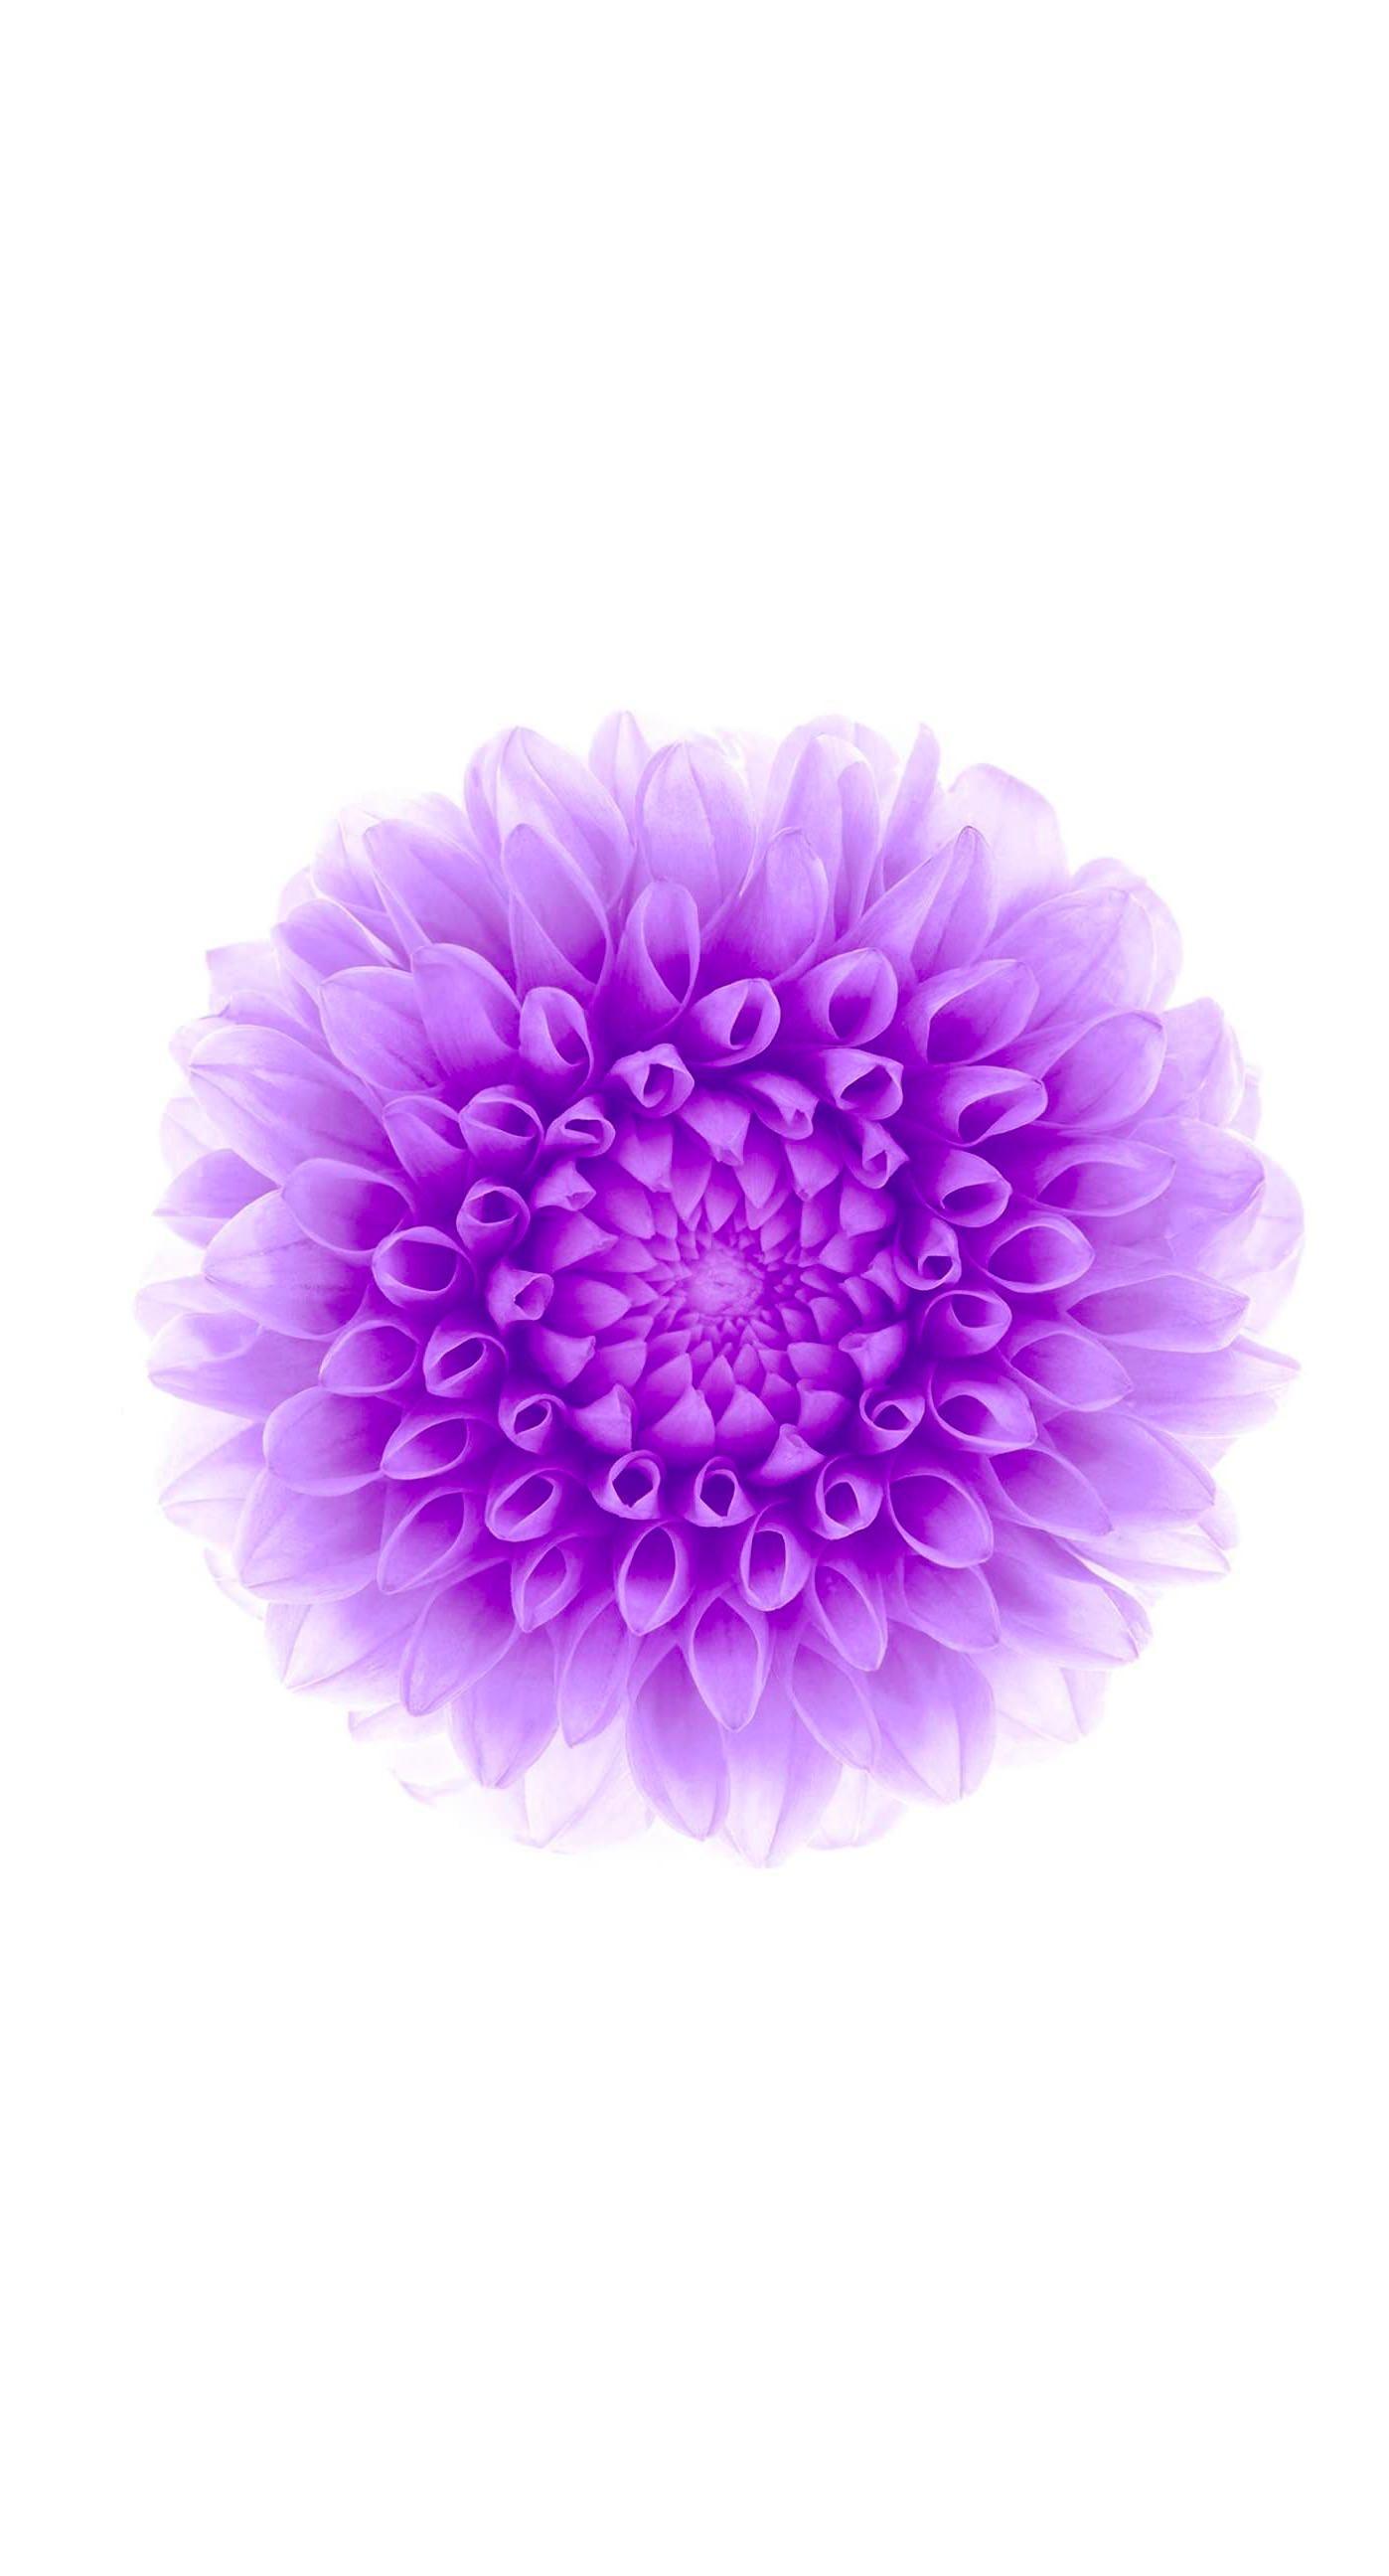 flowerpurplewhite. iPhone 6s Plus / iPhone 6 Plus wallpaper